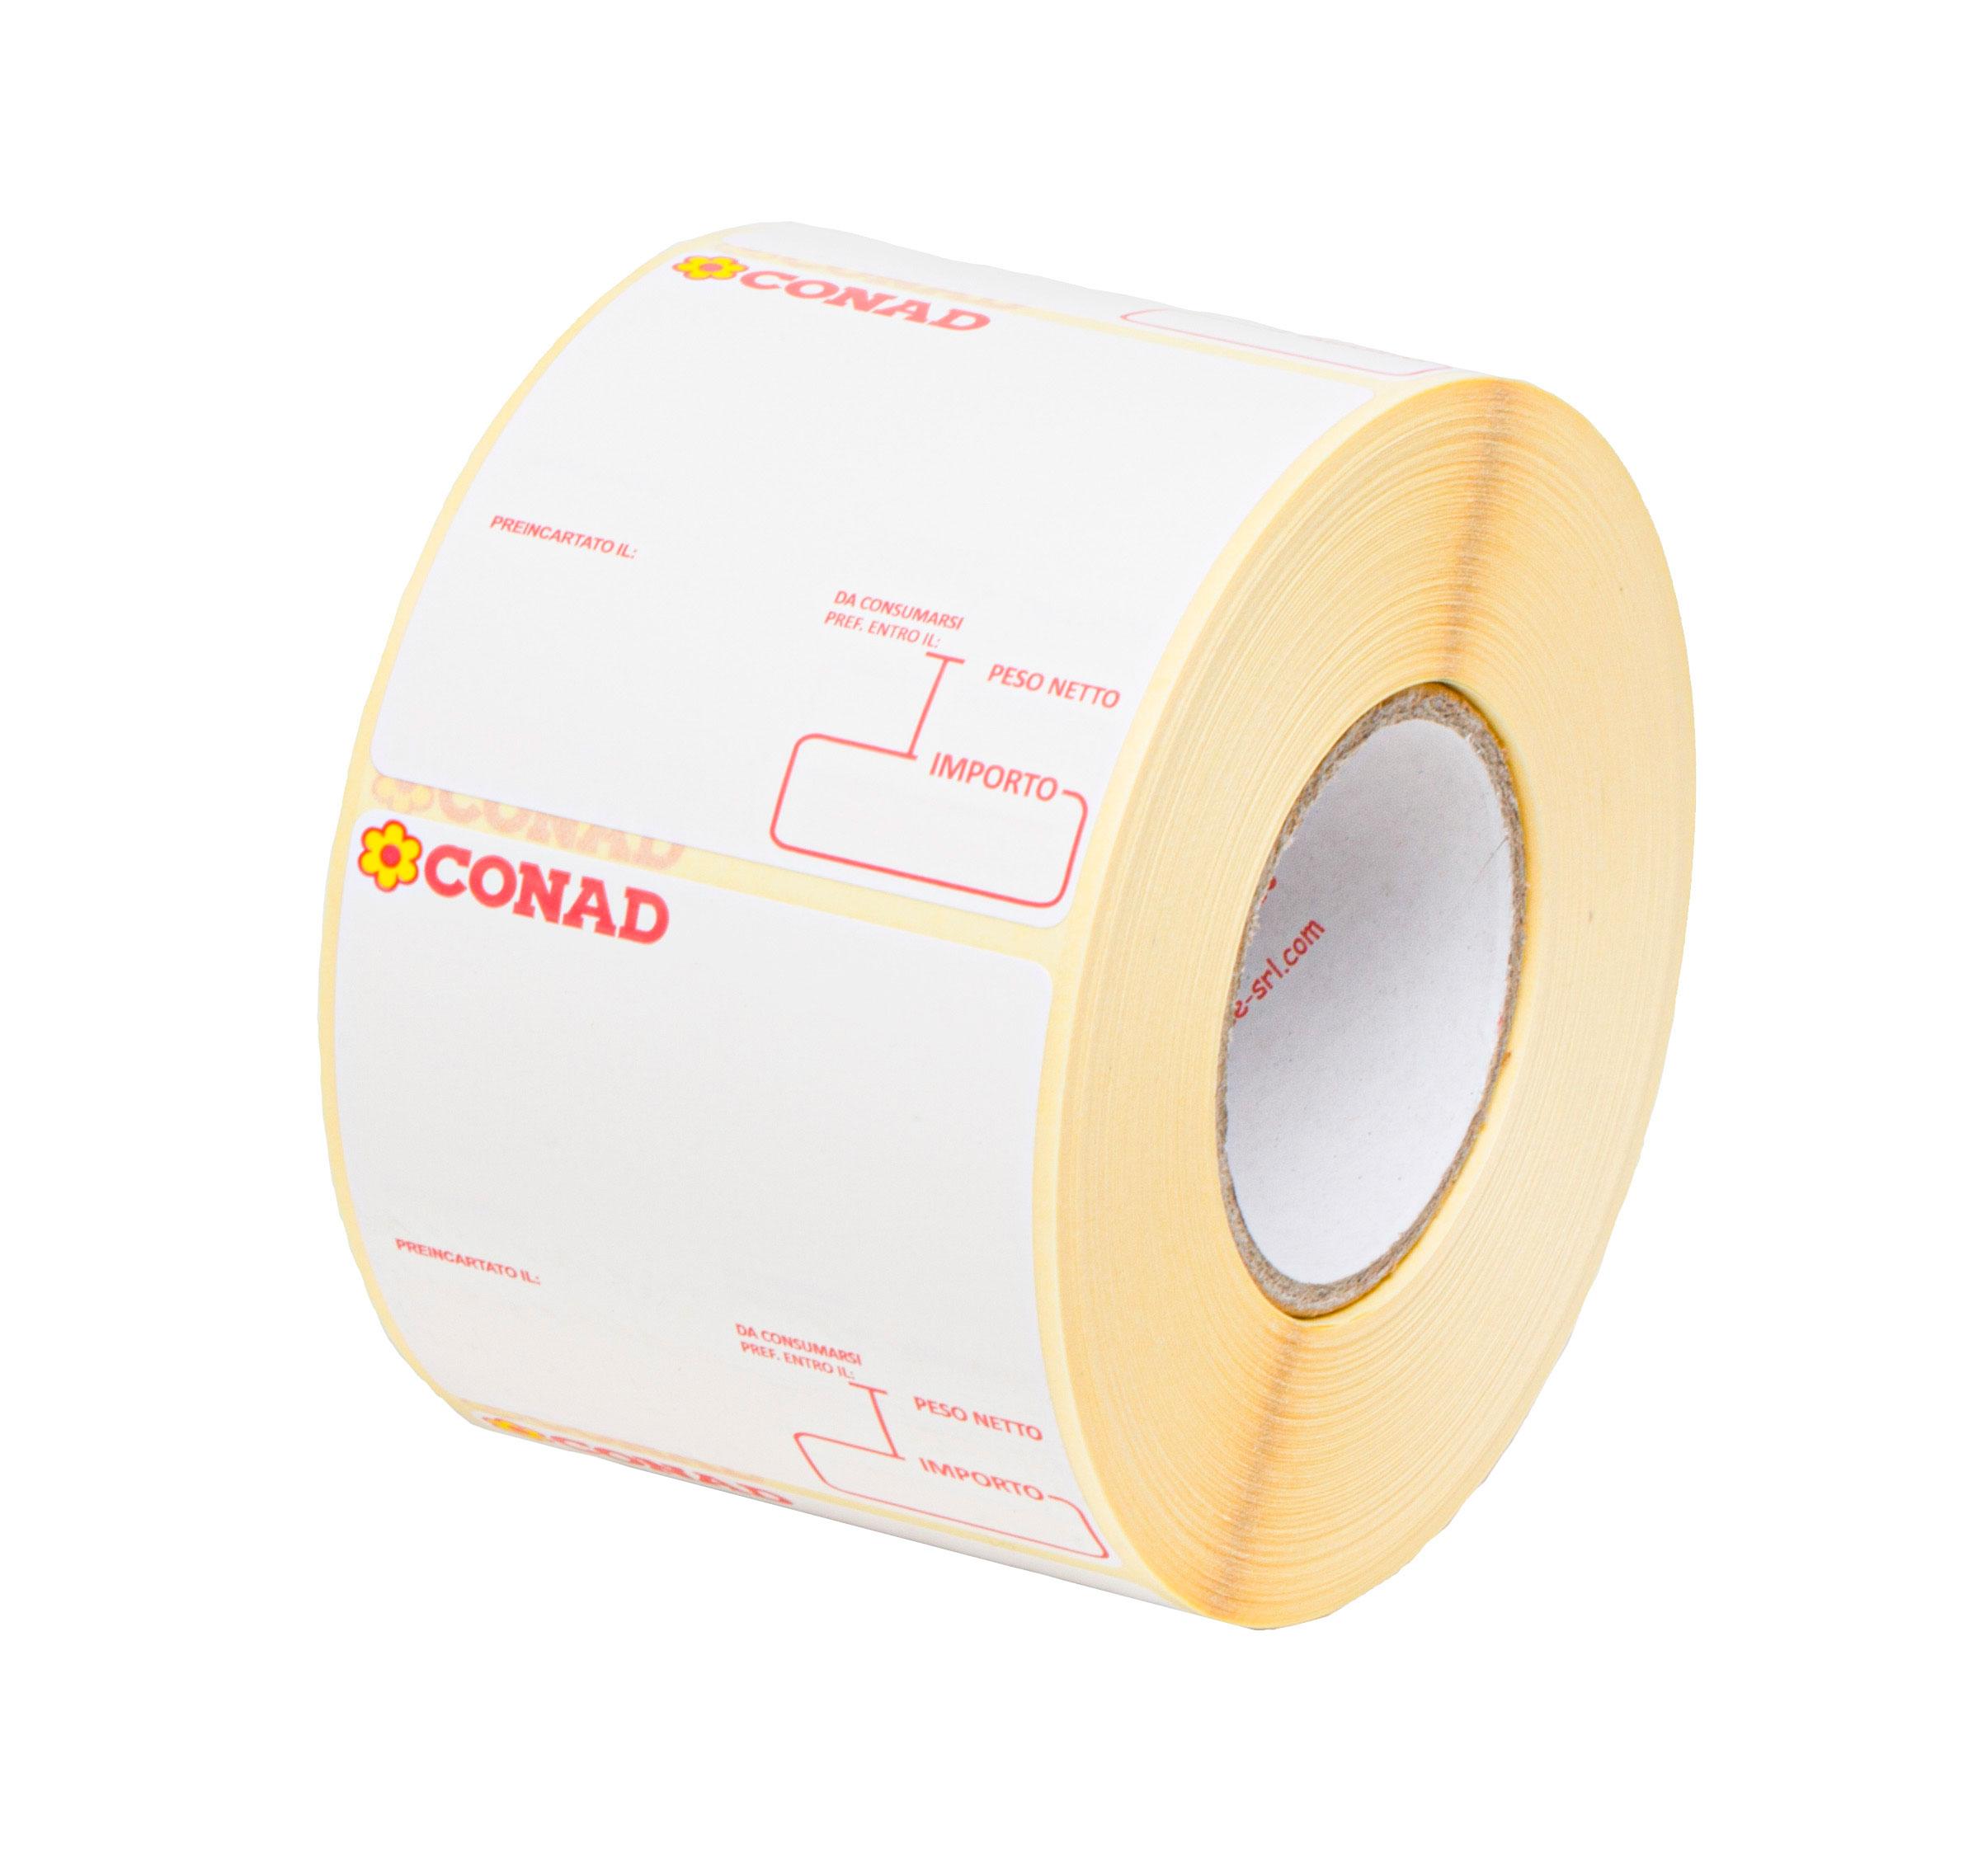 Etichette adesive GDO